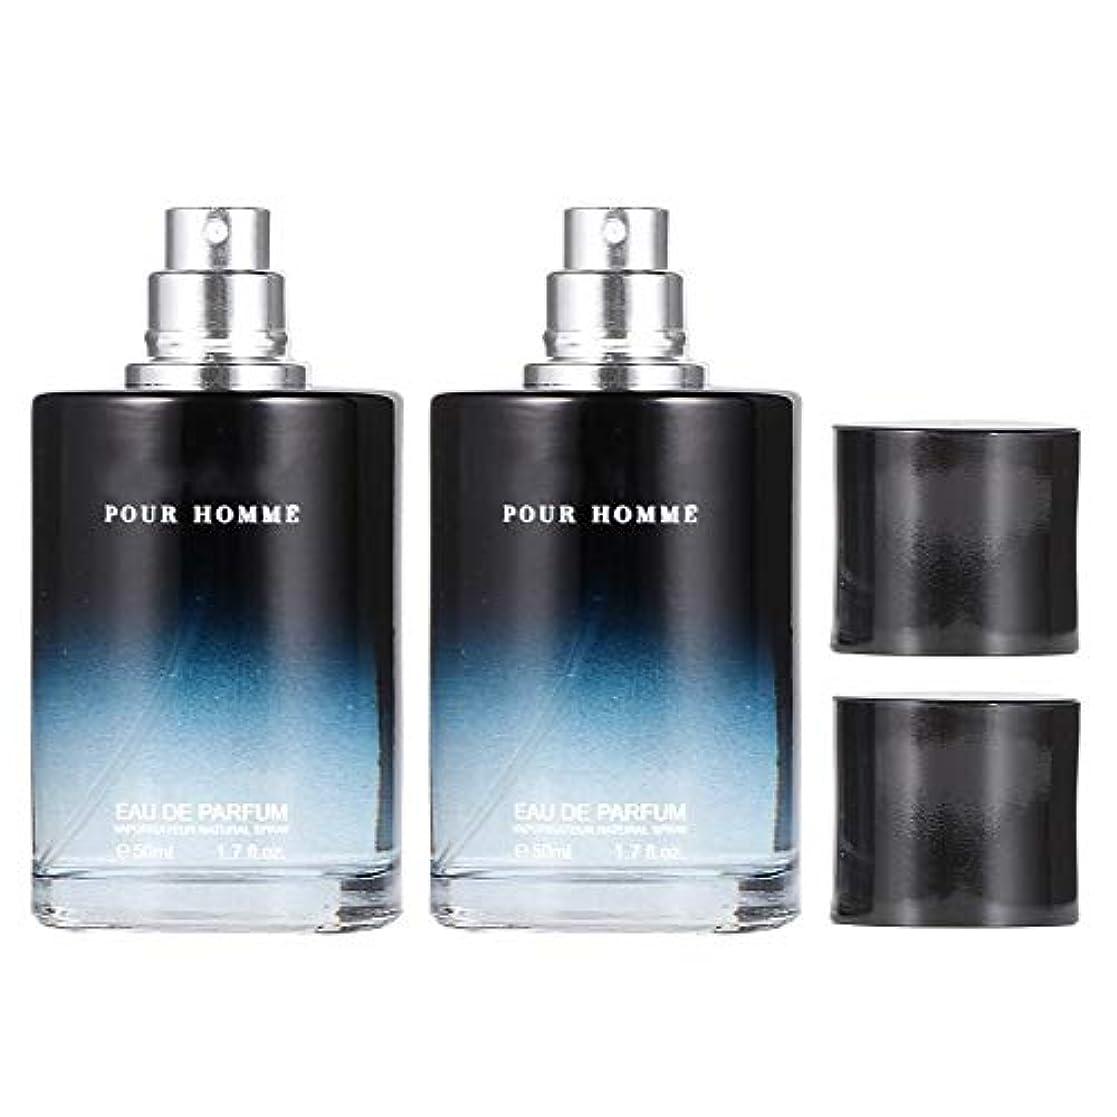 悪化させる突進範囲男性香水、男性用2ピース50ミリリットル超強度長持ちレモンの香り、完璧な贈り物、昼間とカジュアルな使用